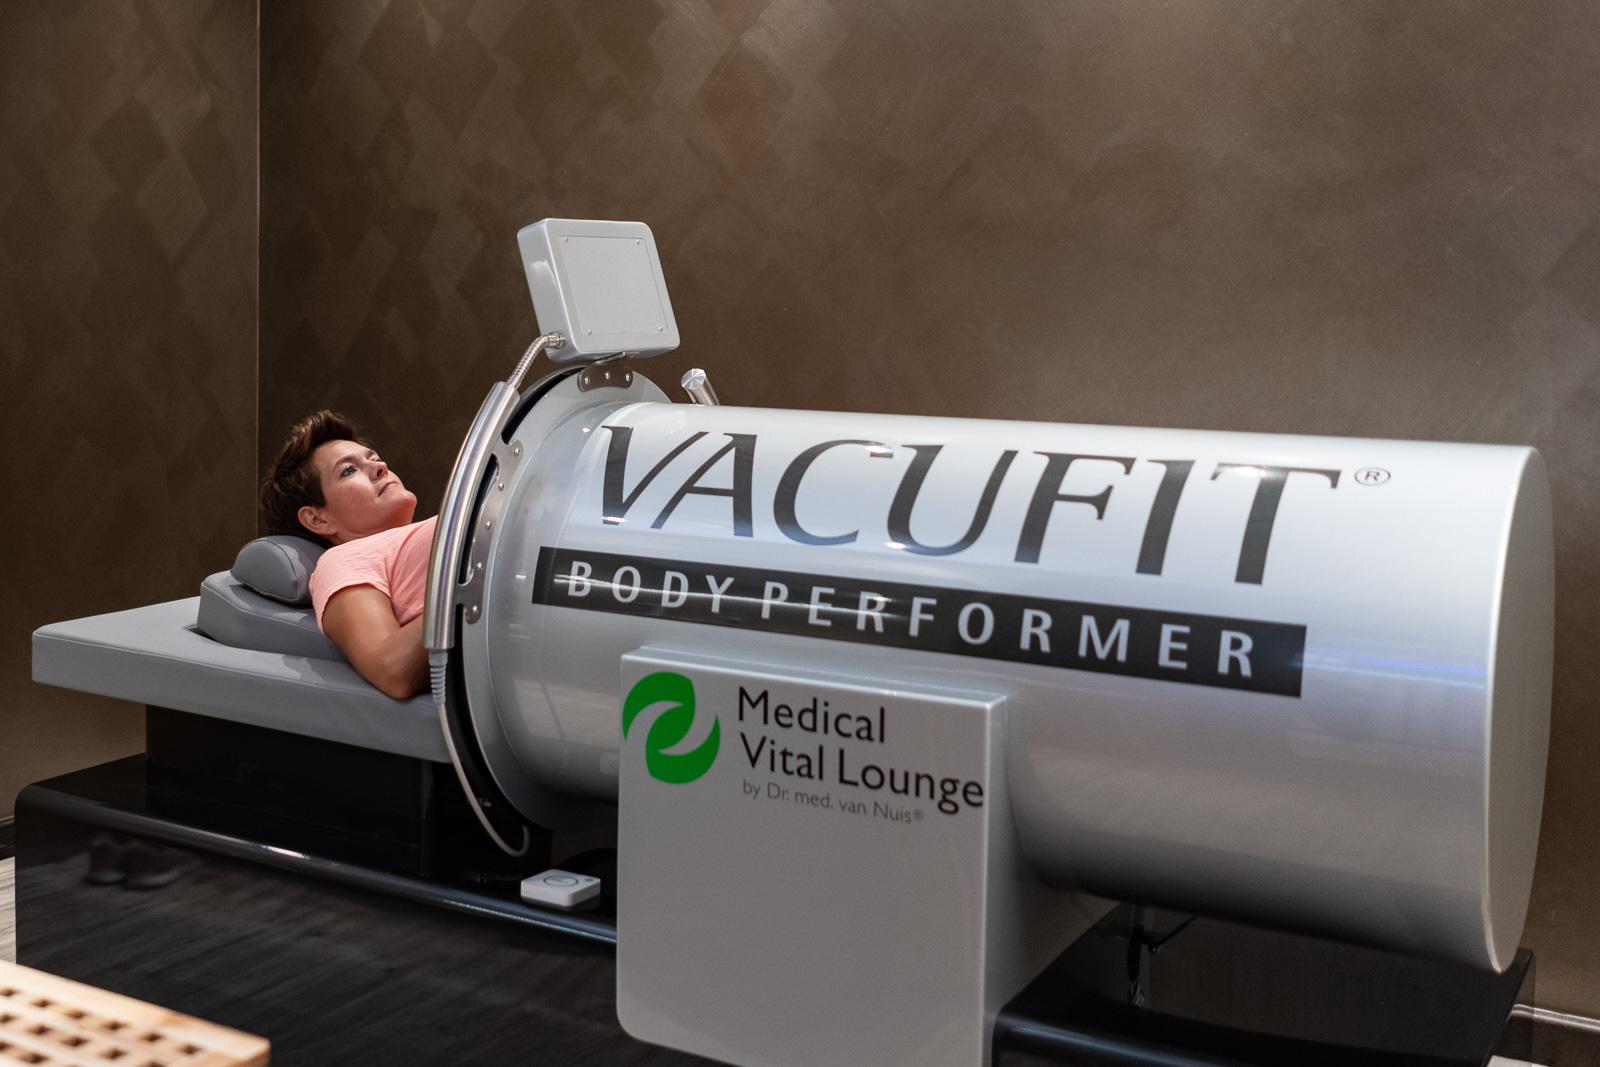 Unternehmensfotografie - Visiolife Schönheit Wellness - Frau liegt im Vacufit